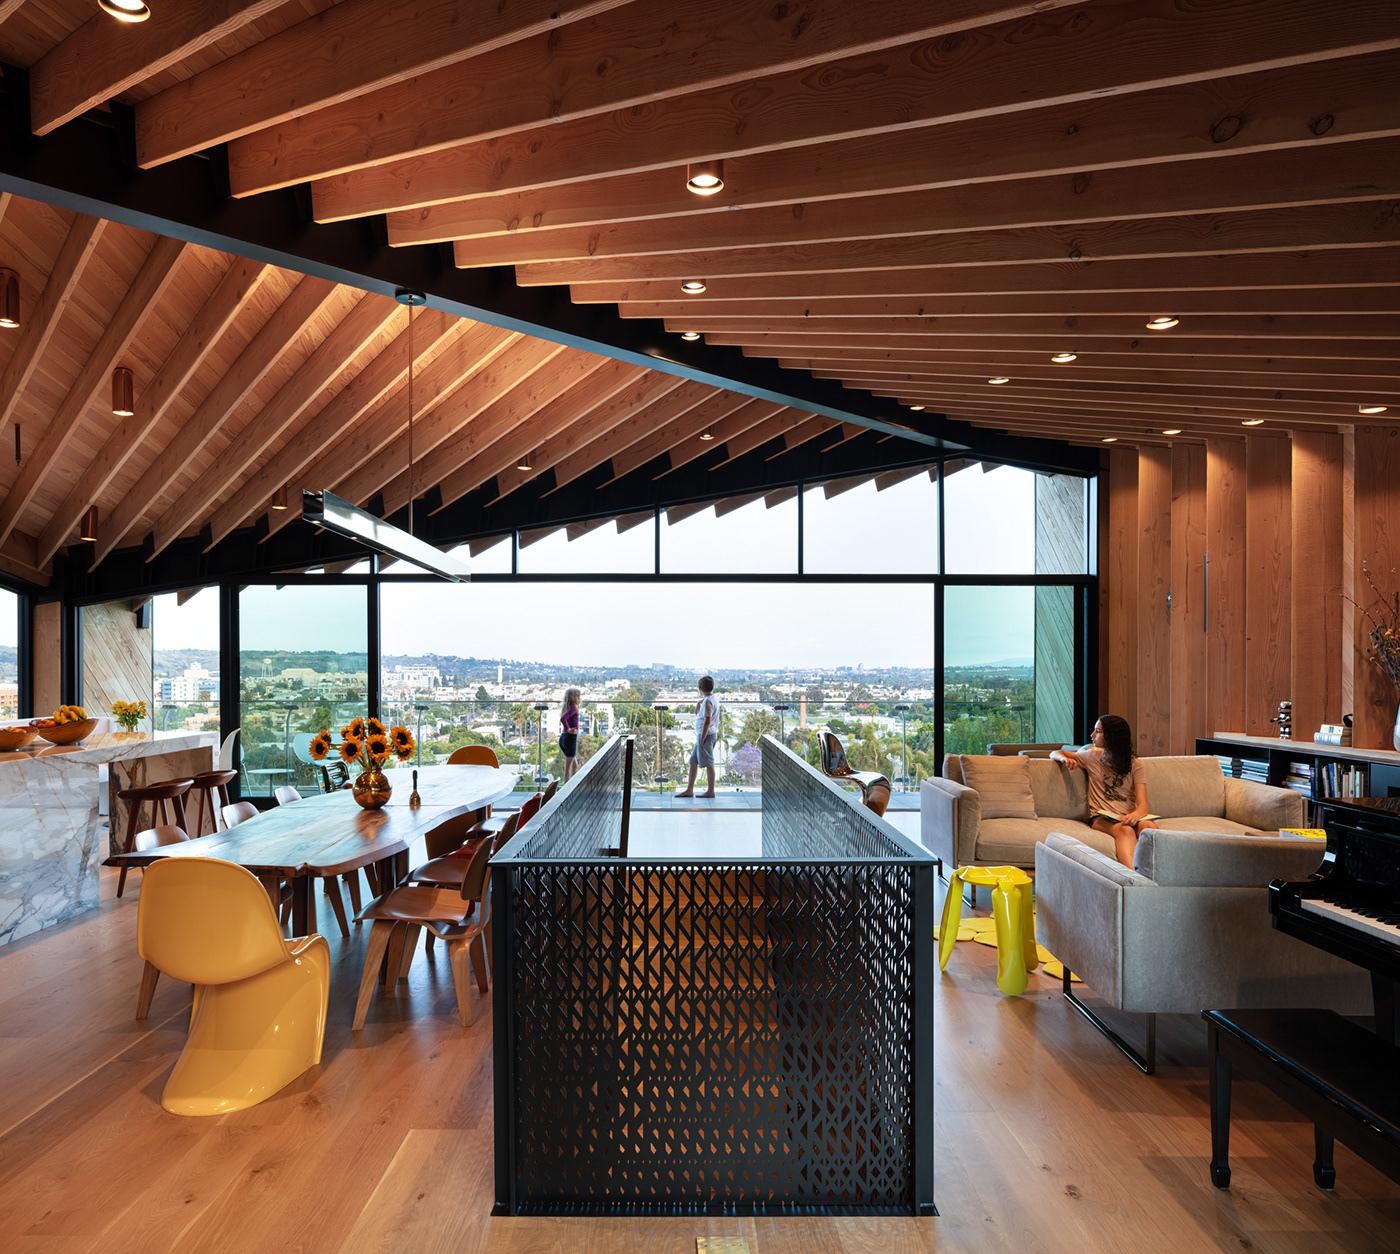 architecture clive wilkinson Custom Home design Interior Architecture interior design  Los Angeles modern architecture modern home Residential Design